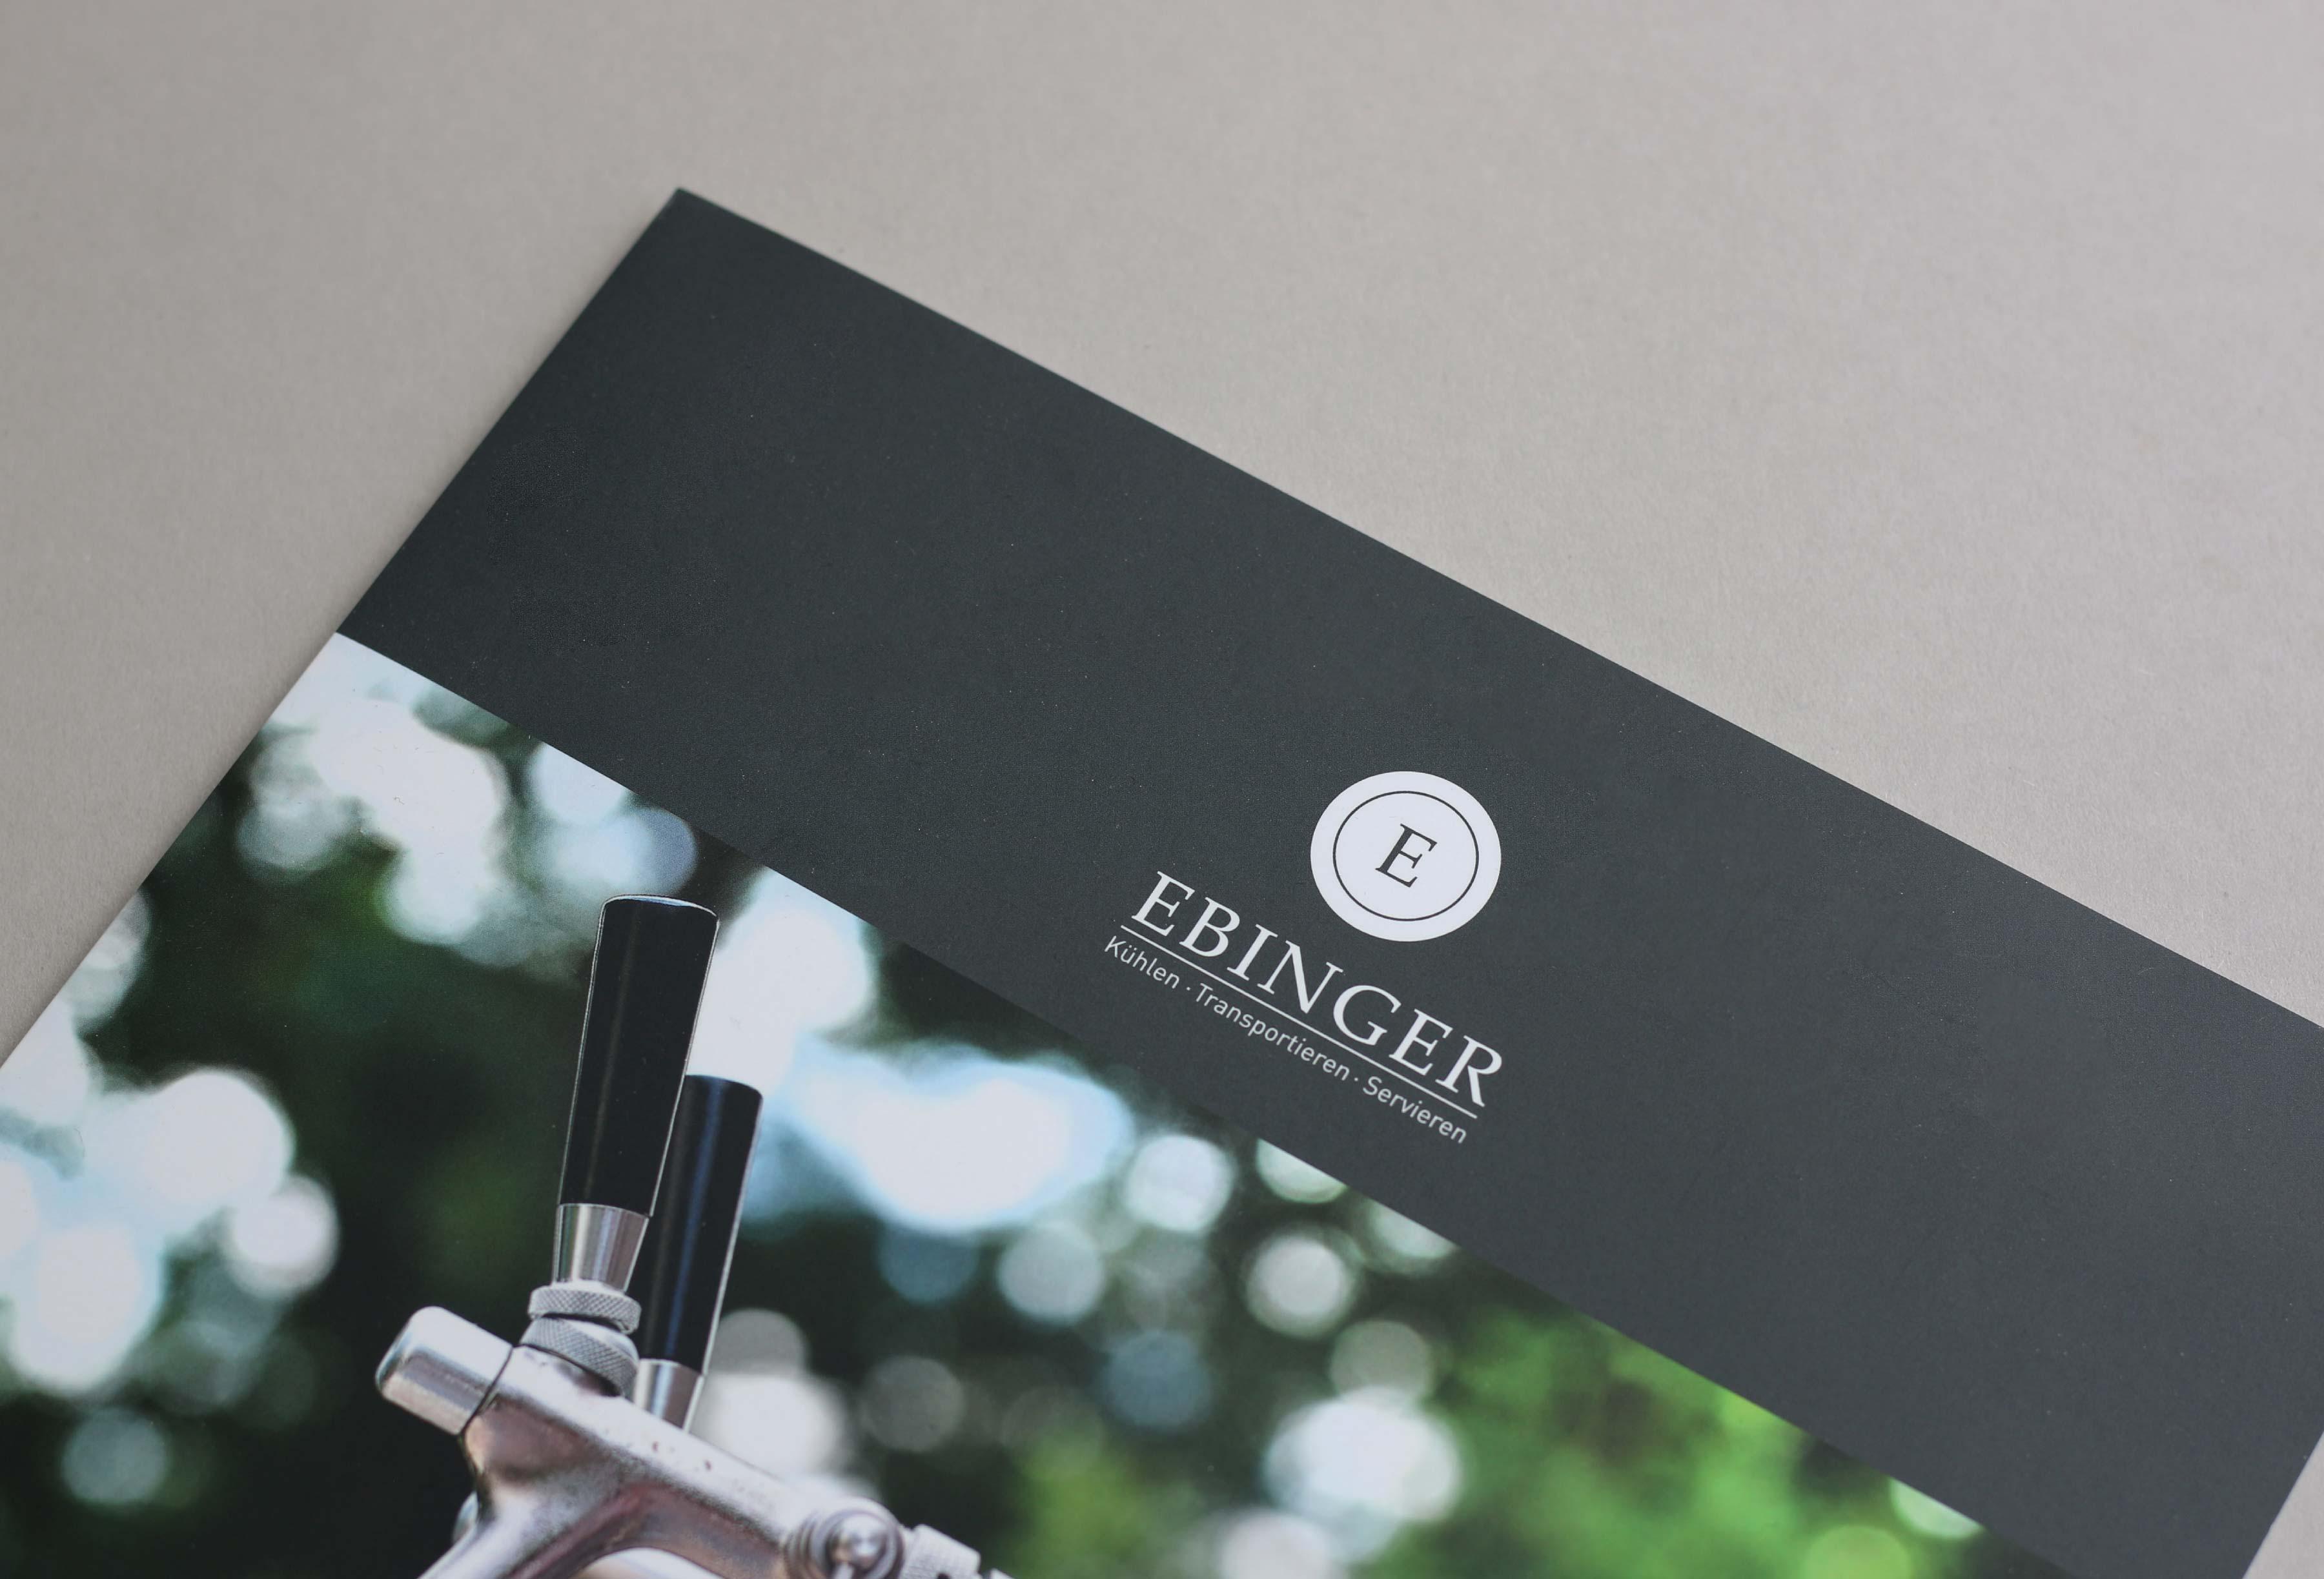 Produktkatalog Design Ebinger